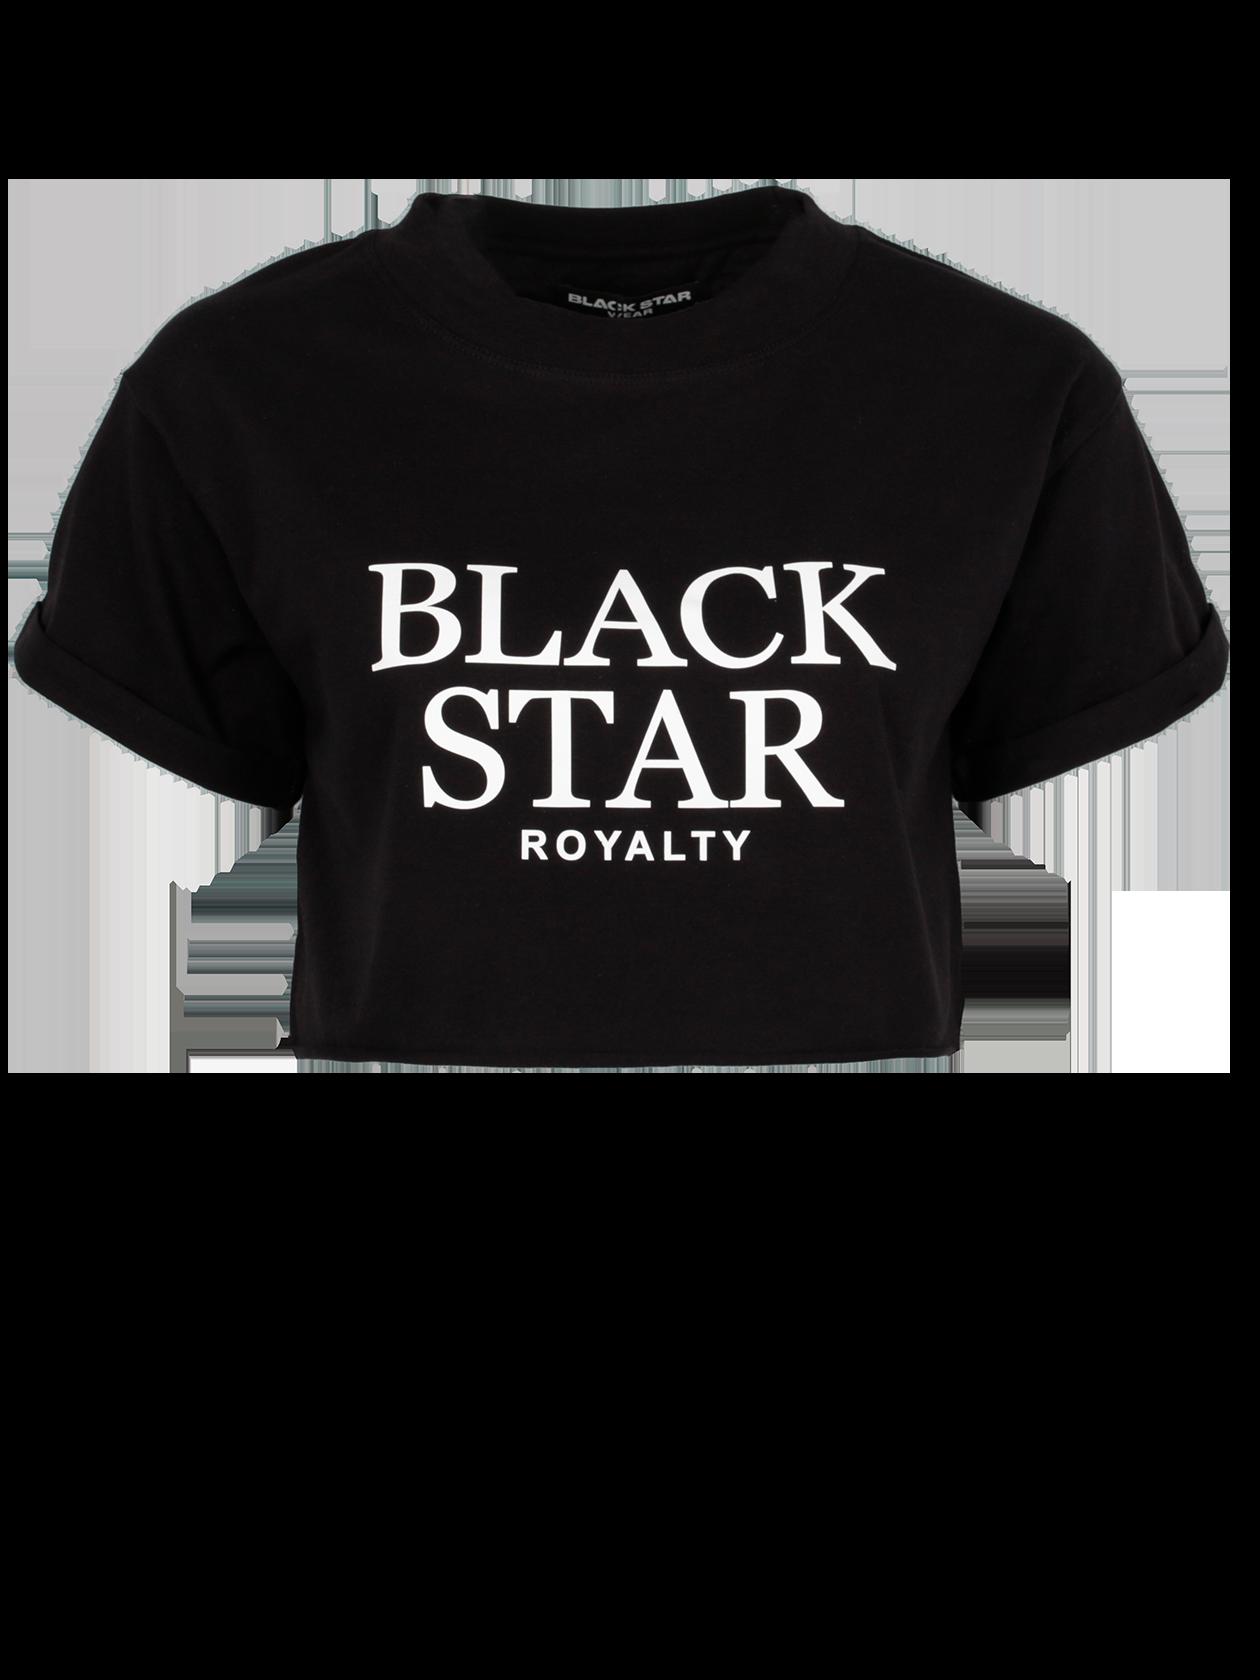 Футболка женская FRONT BLACKСтильная женская футболка Front Black – отличное решение для активных девушек. Модель укороченного кроя, свободного силуэта представлена в черном цвете. На груди контрастная надпись Black Star Royalty. Изделие обладает слегка спущенным плечом, переходящим в короткий широкий рукав. Узкая горловина с эластичной окантовкой и жаккардовым лейблом Black Star Wear на внутренней стороне. Футболка может комбинироваться с любой одеждой и обувью спортивного и повседневного стиля.<br><br>Размер: L<br>Цвет: Черный<br>Пол: Женский